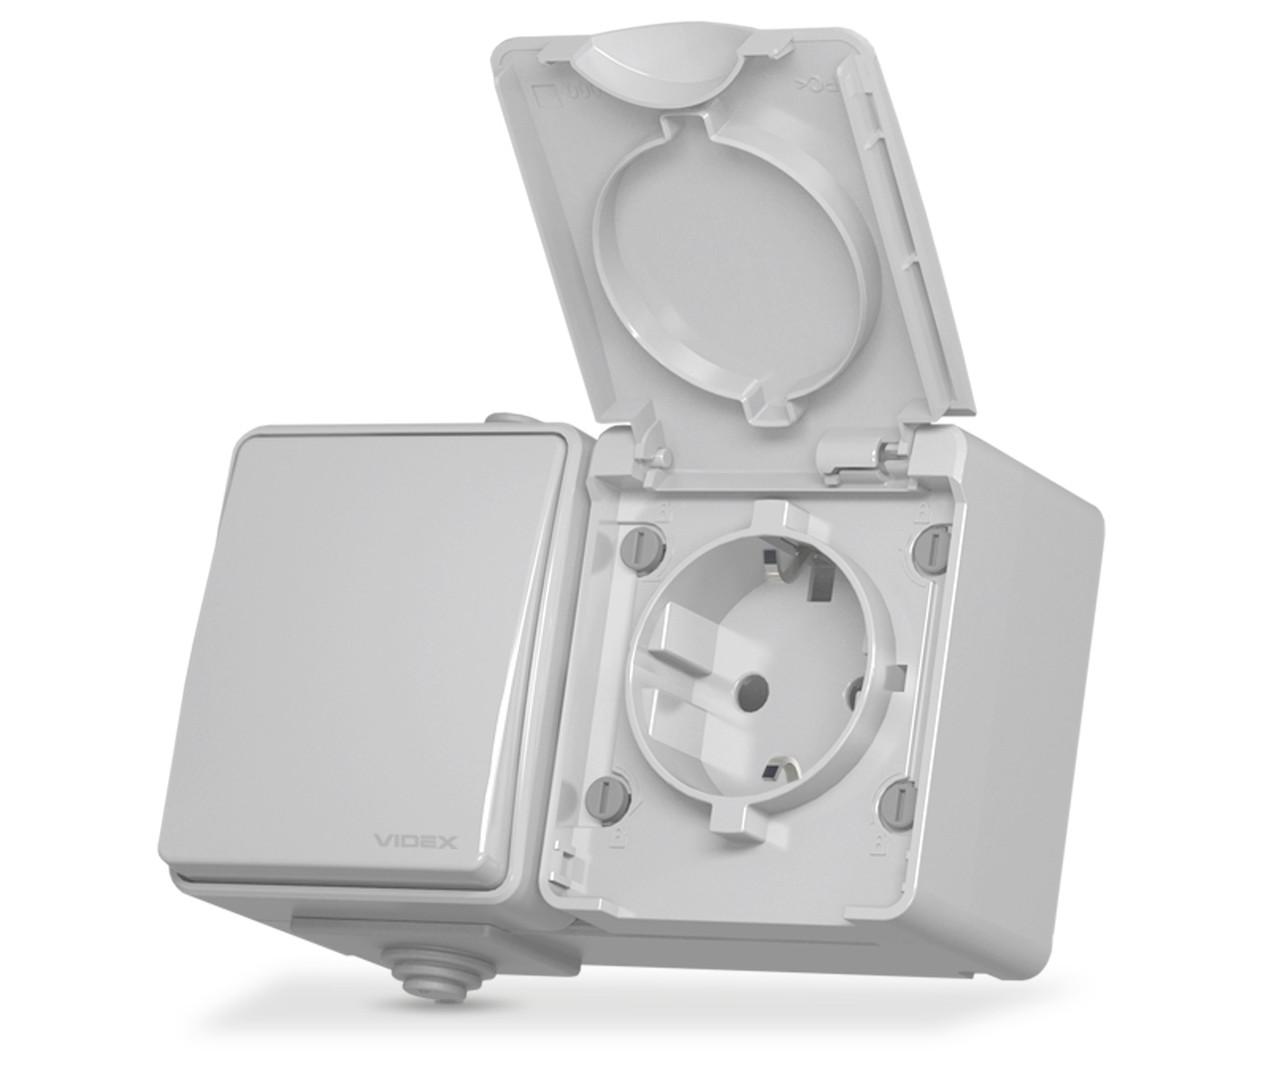 Блок розетка та вимикач зовнішній монтаж із вологозахистом ІР65 Binera Videx